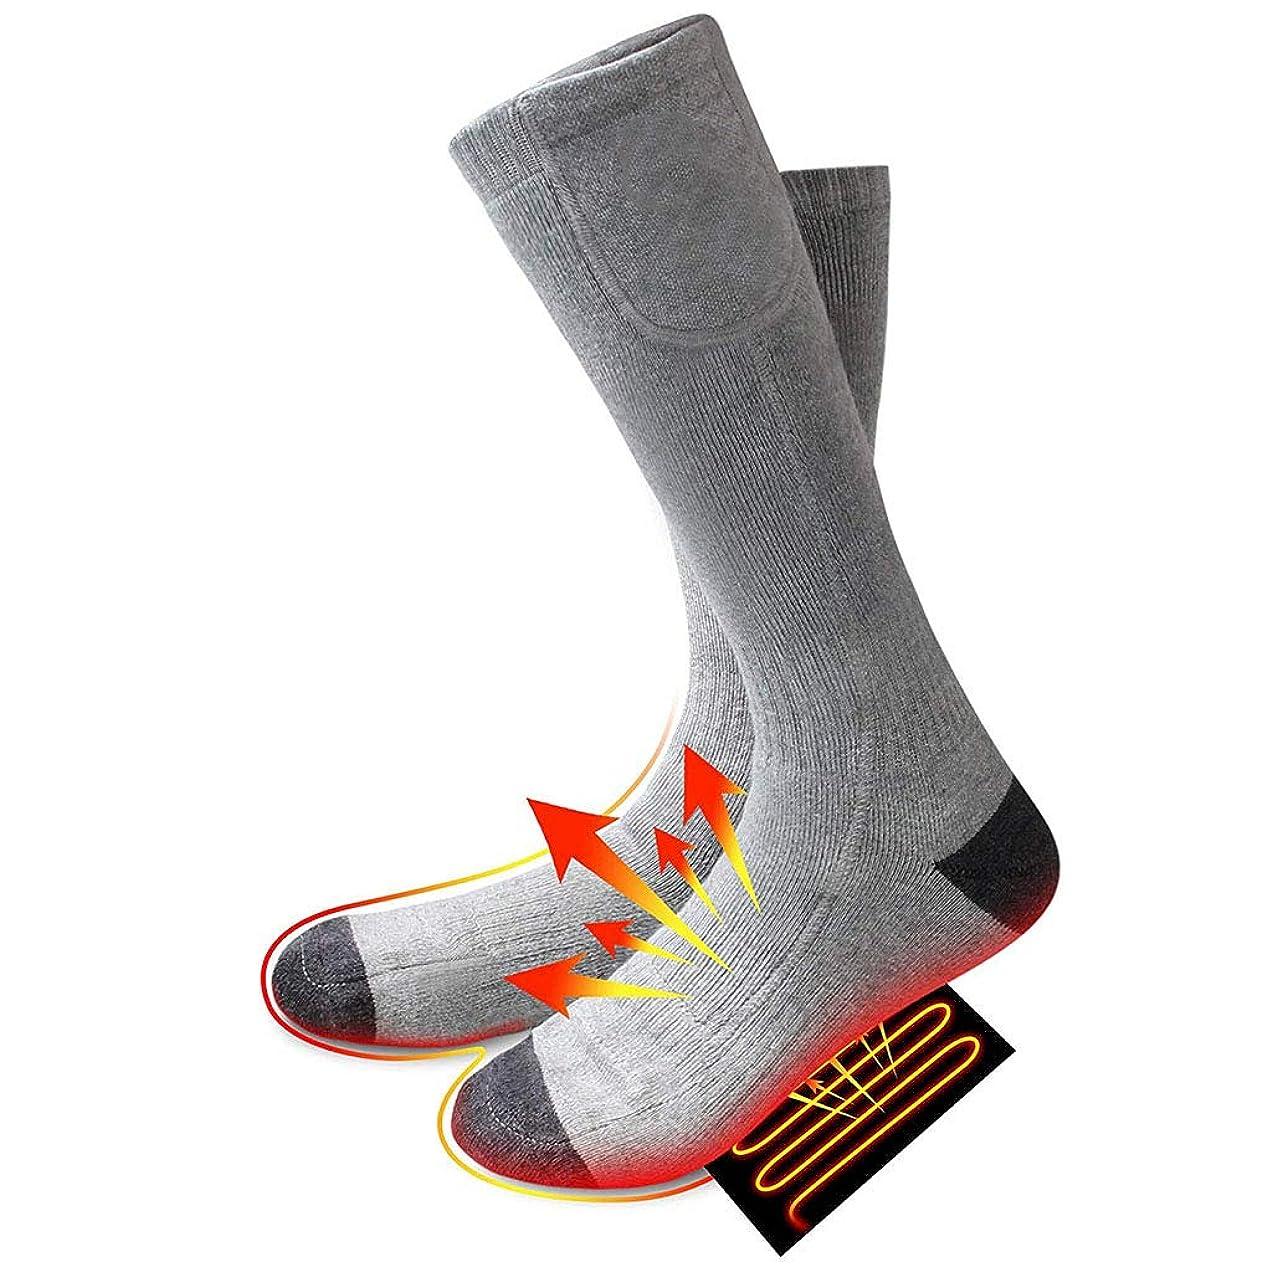 下線横に膜保温靴下、3.7V 4000mAh、3つの温熱設定、充電式バッテリー付き、硬い関節炎の足用、慢性的に冷たい足